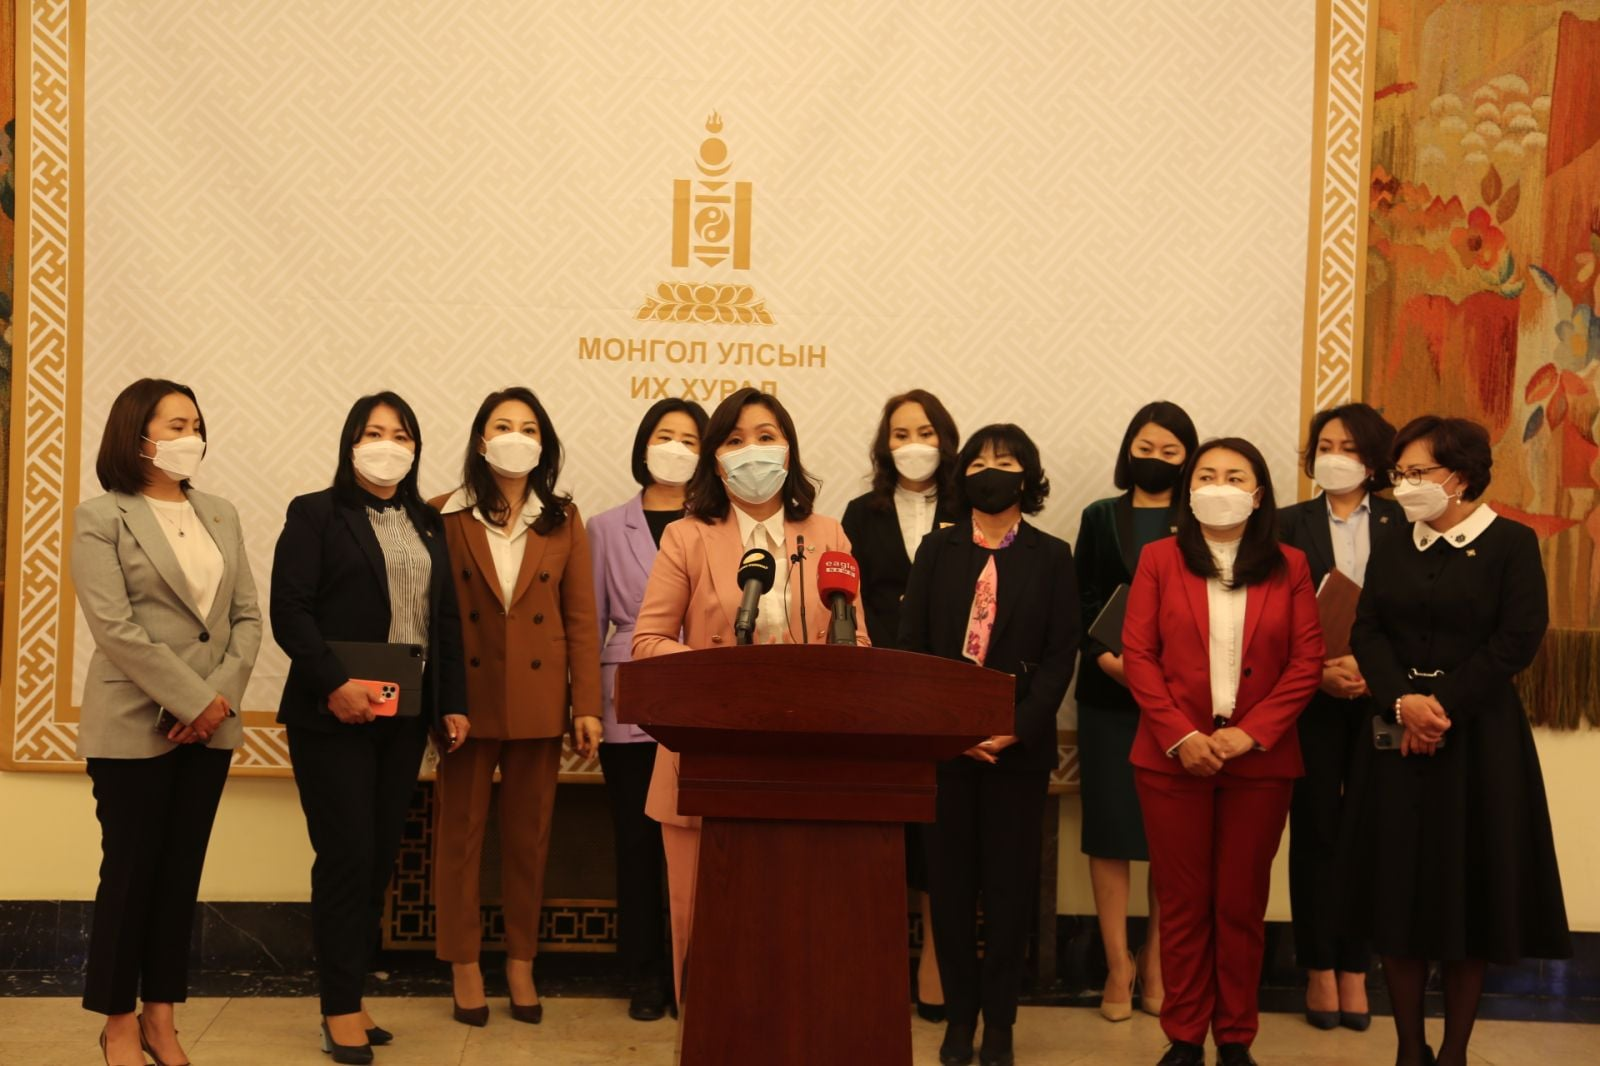 УИХ-ын эмэгтэй гишүүд УОК, Засгийн газарт Баяр наадмыг хойшлуулах санал гаргалаа